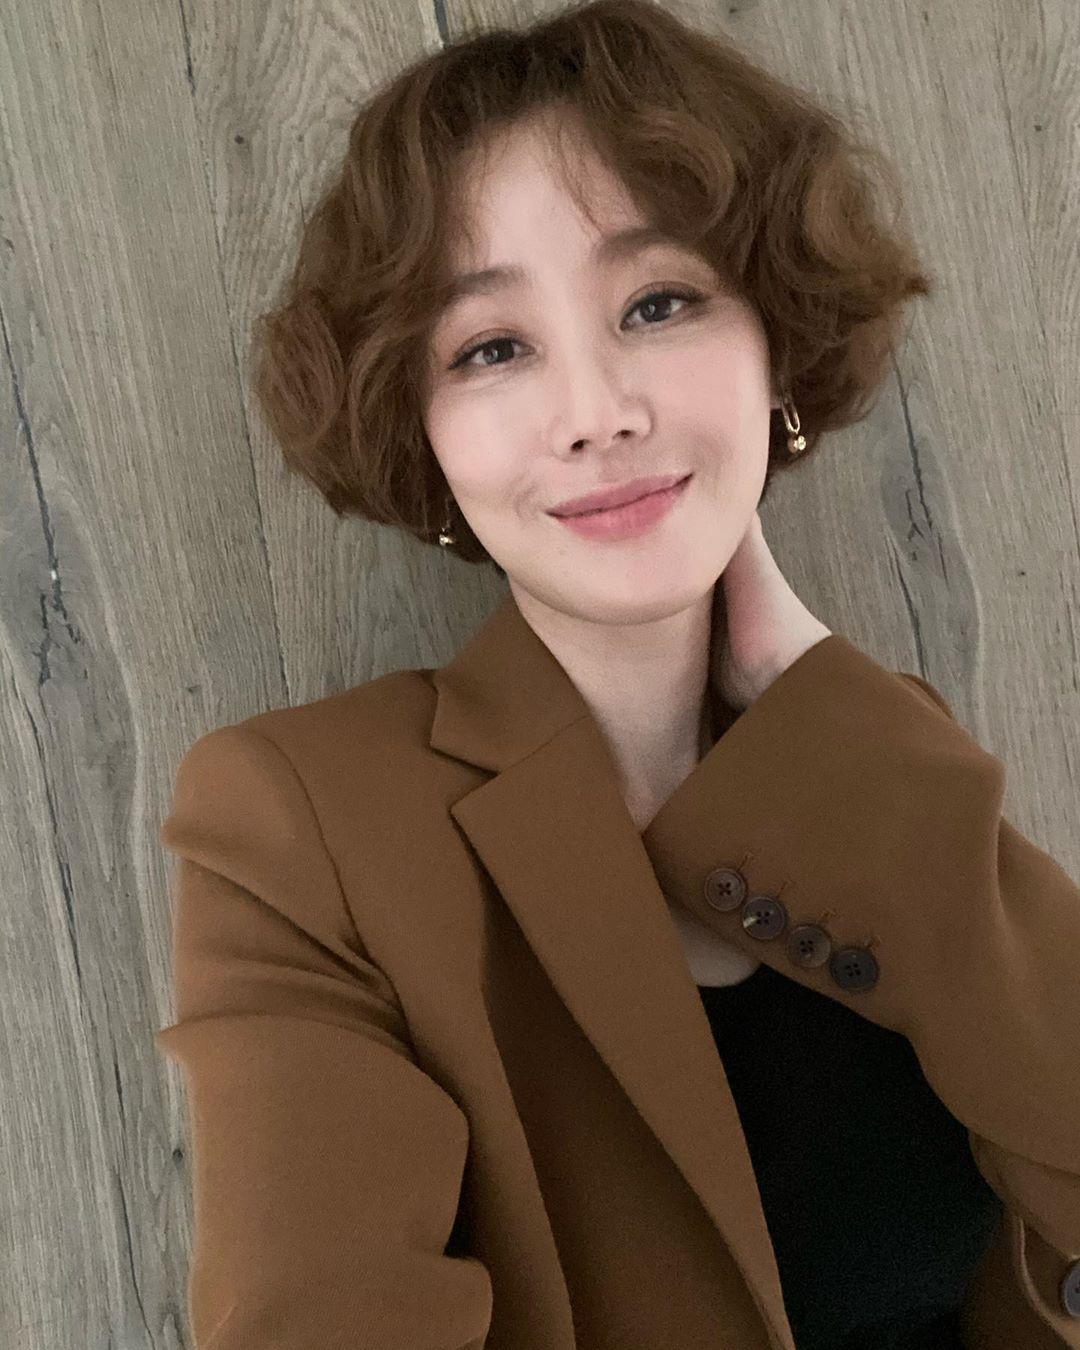 韩国冻龄美女演员当道!除了《夫妻的世界》金喜爱外还有她们!插图(10)